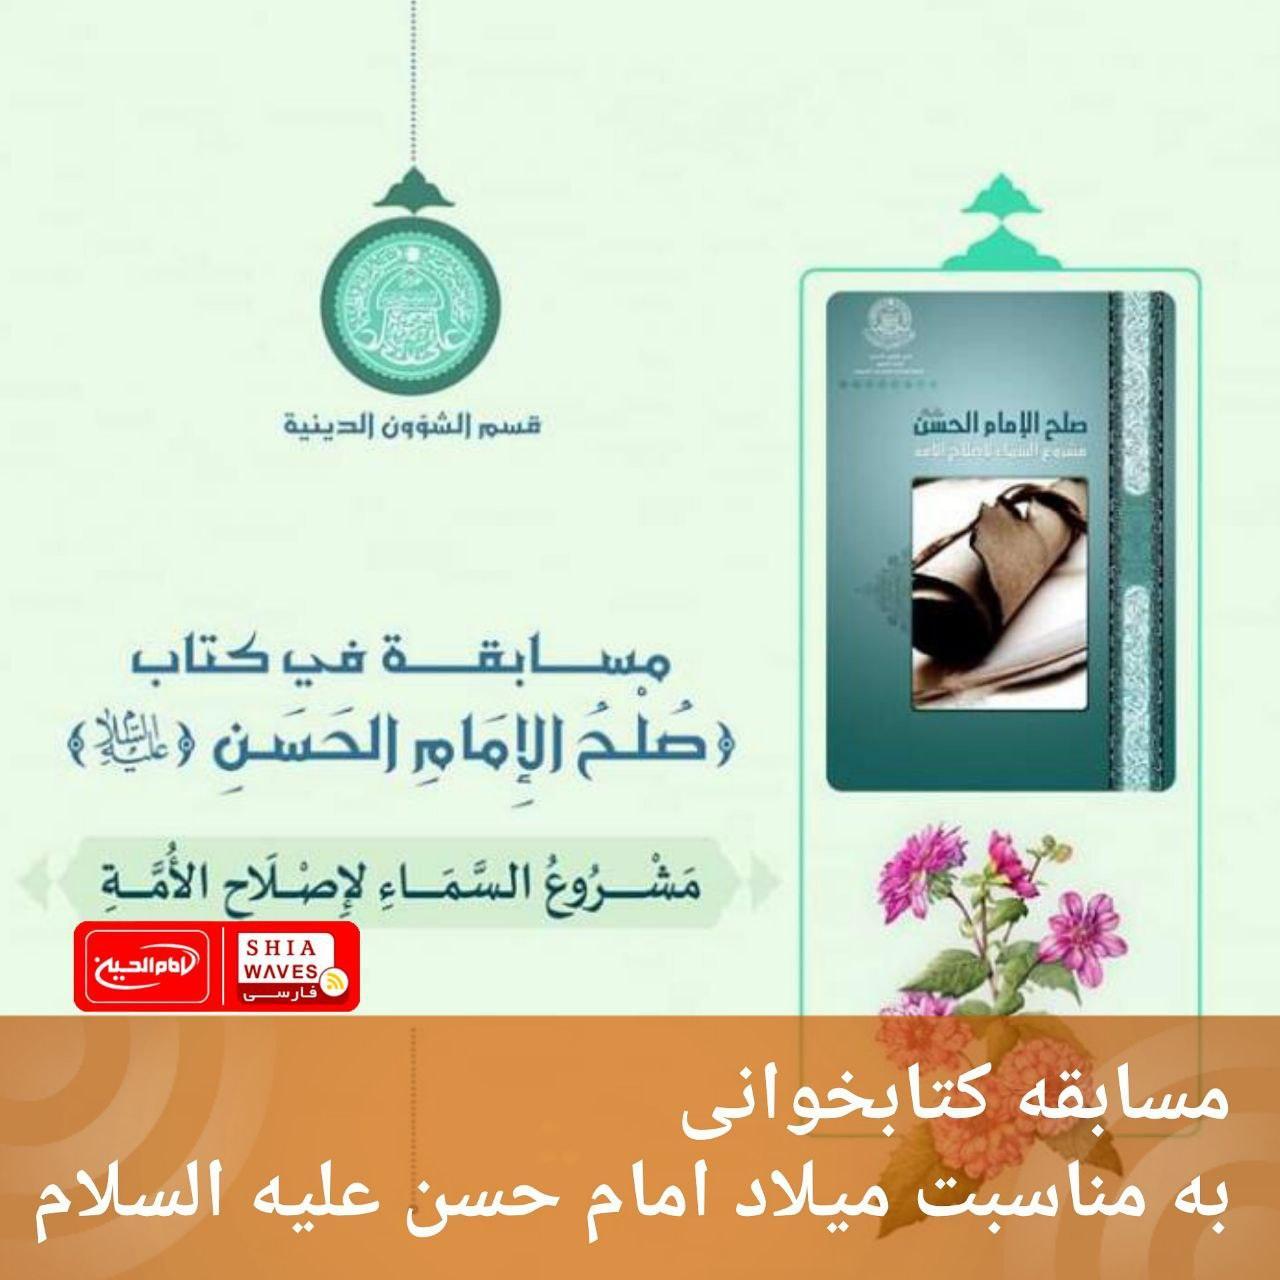 تصویر مسابقه کتابخوانی به مناسبت میلاد امام حسن علیه السلام